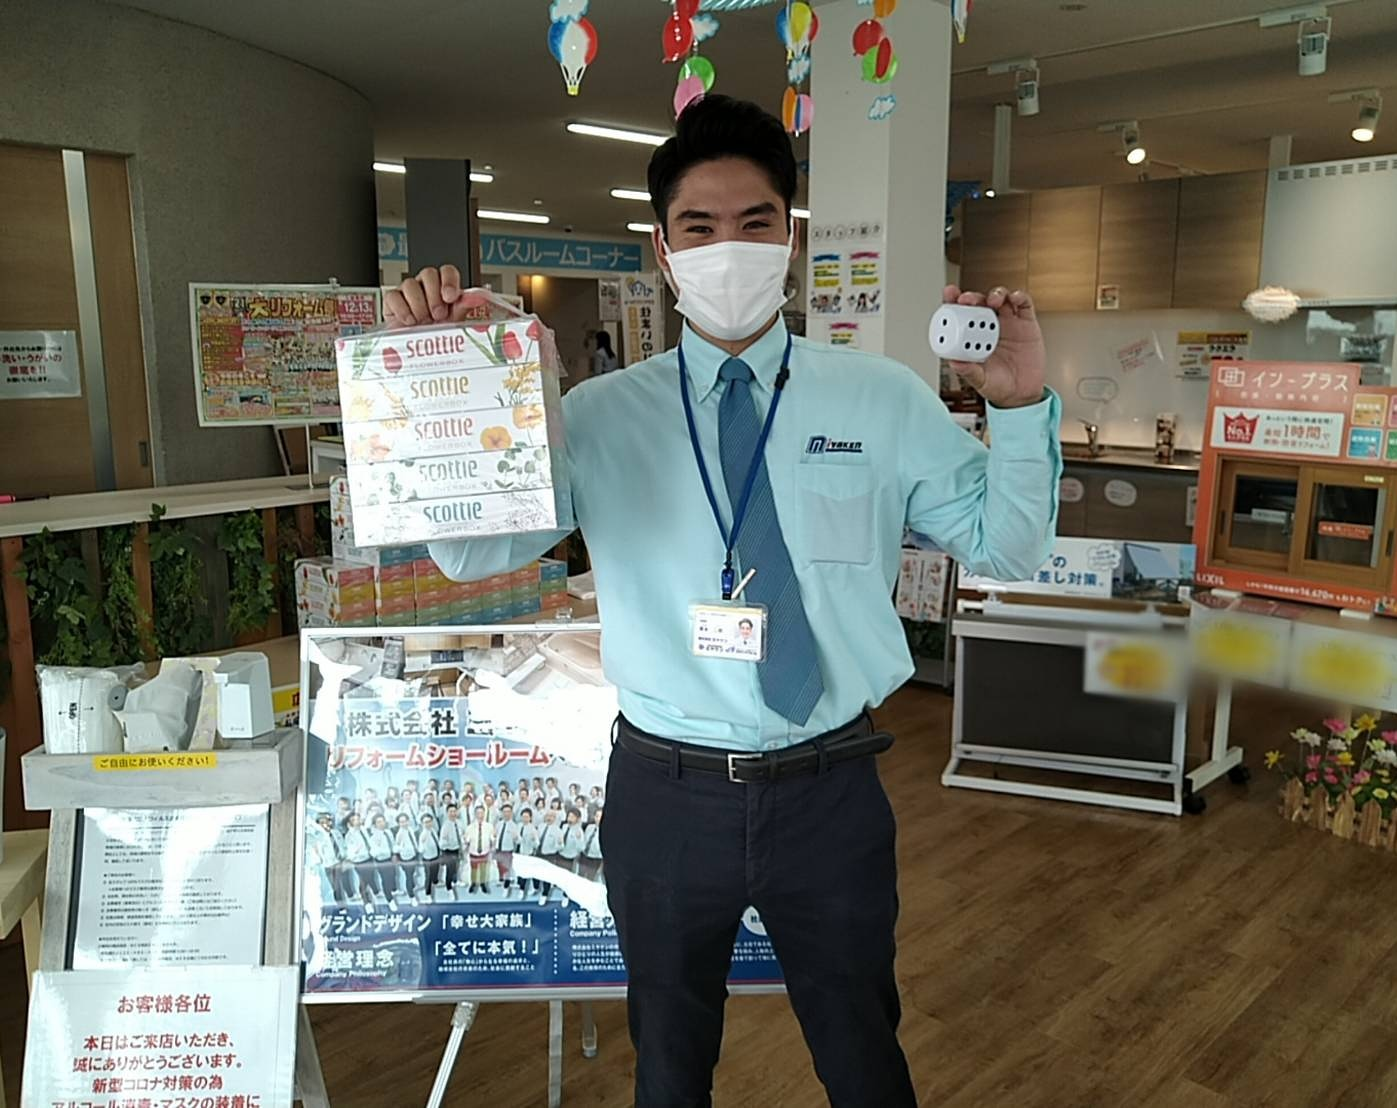 【ご報告】6/12・13 ミヤケン大感謝祭にご来場いただきありがとうございました!